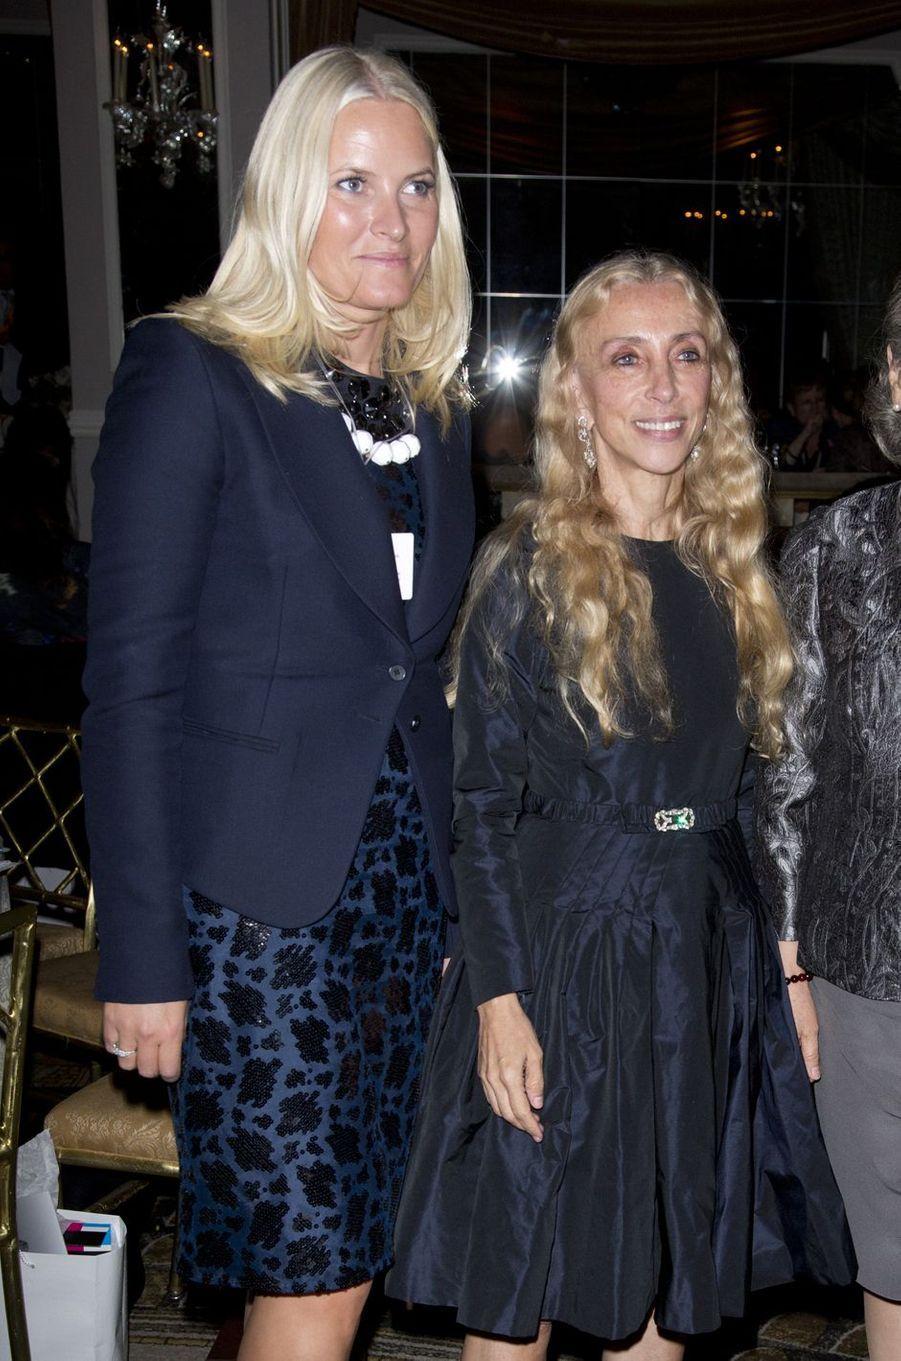 La princesse Mette-Marit de Norvège avec Franca Sozzani à New York, le 25 septembre 2012